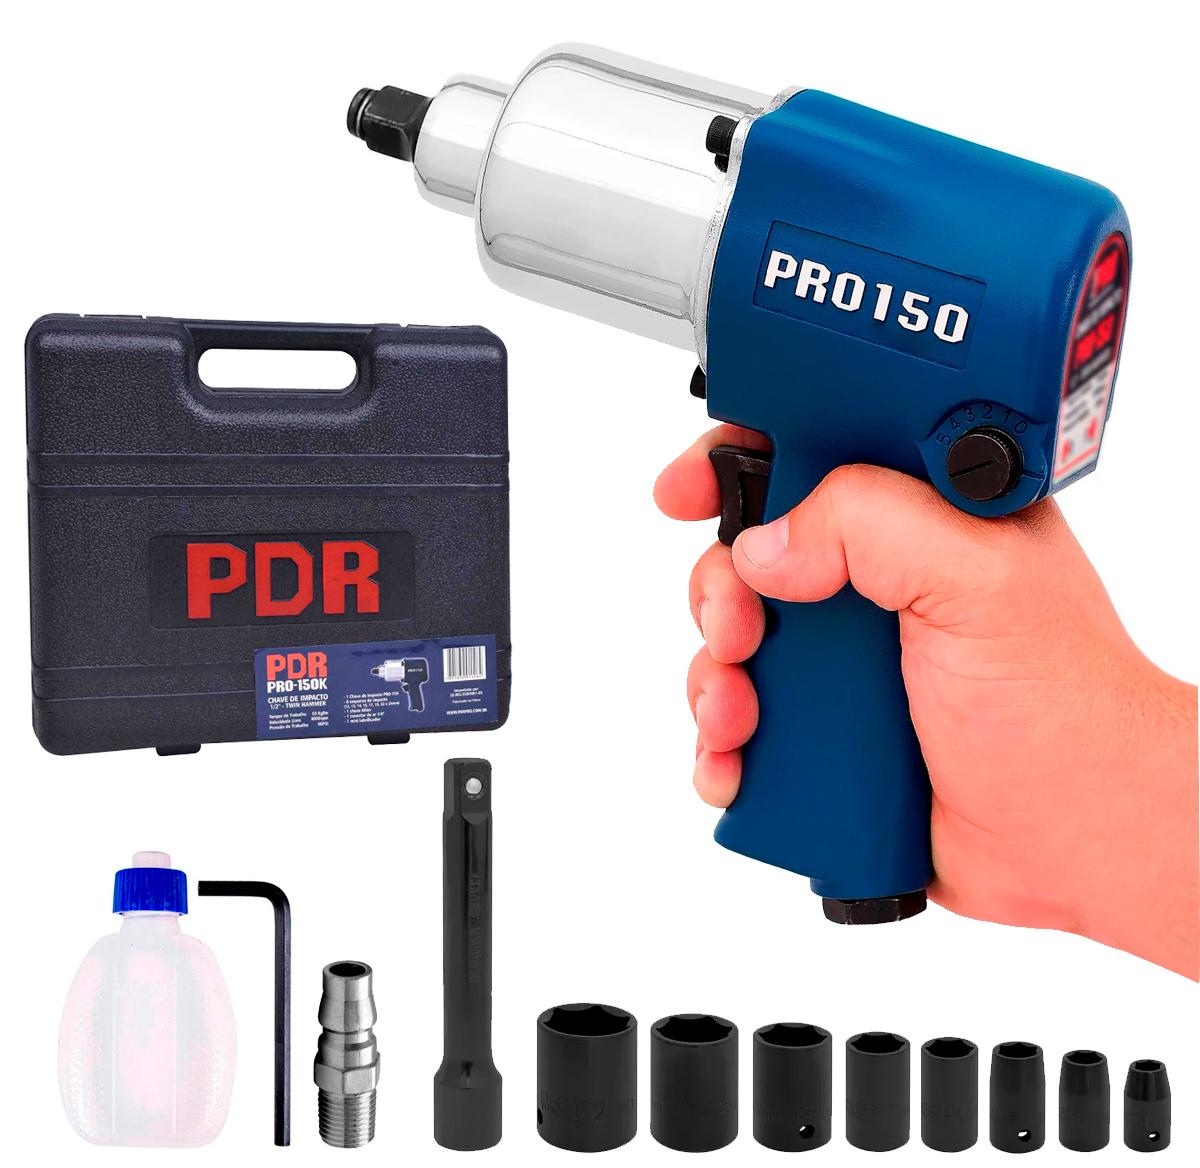 Kit Chave Impacto Pneumatica PDR PRO-150K com Maleta e Acessorios 68 Kgfm Encaixe 1/2